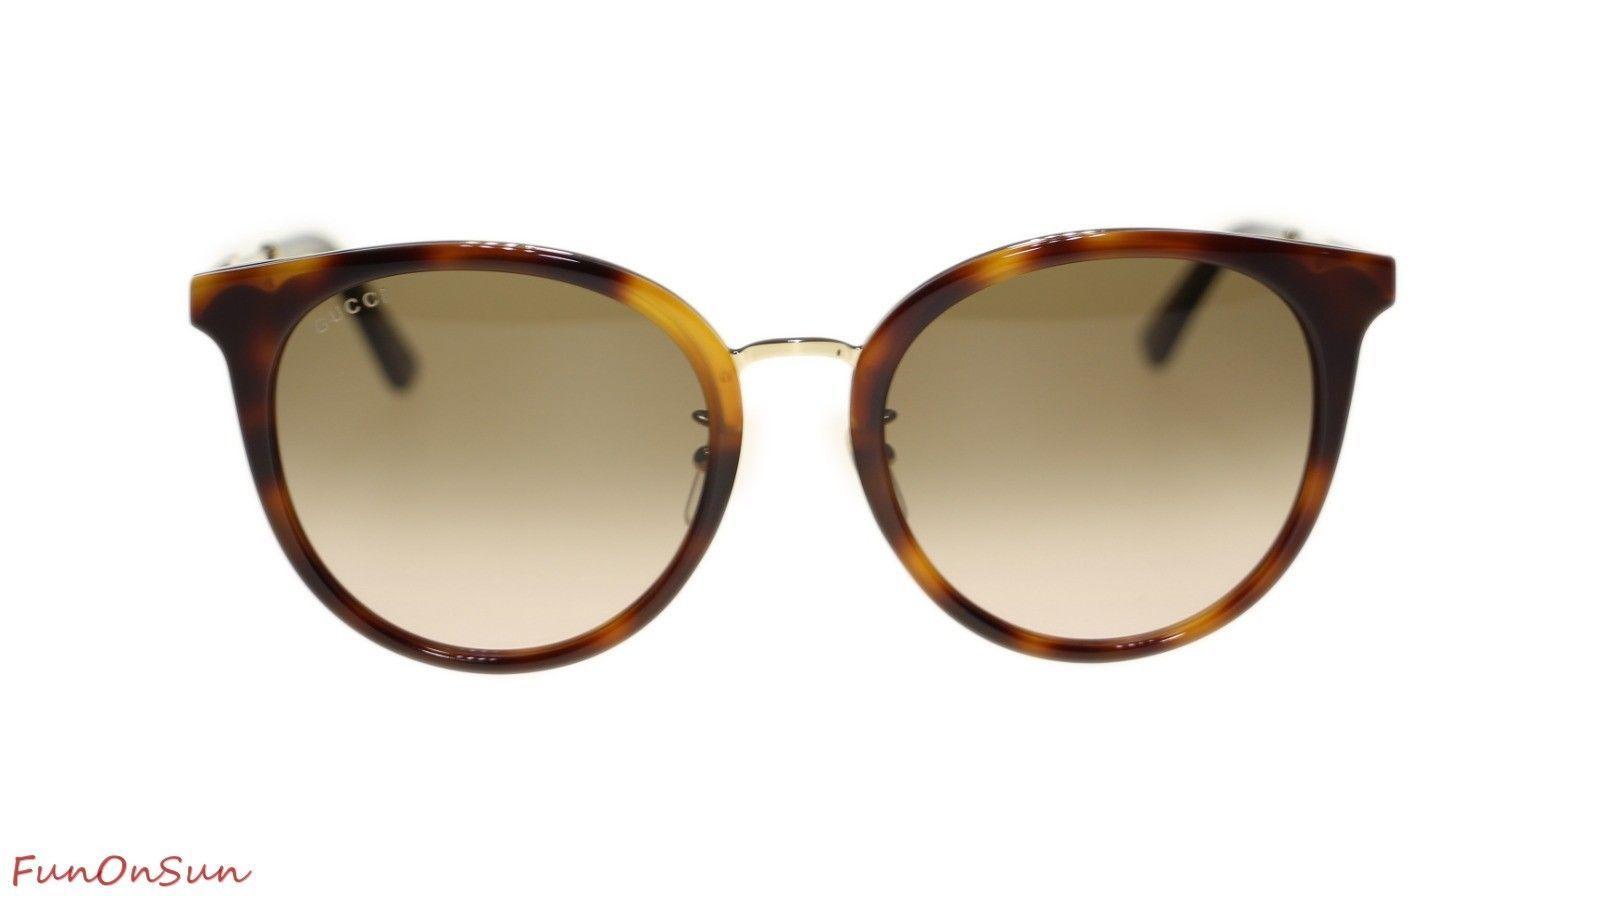 a4e1f5e84b2 10. 10. Previous. Gucci Women Sunglasses GG0204S 003 Havana Brown Lens 56mm  Authentic. Gucci Women Sunglasses ...